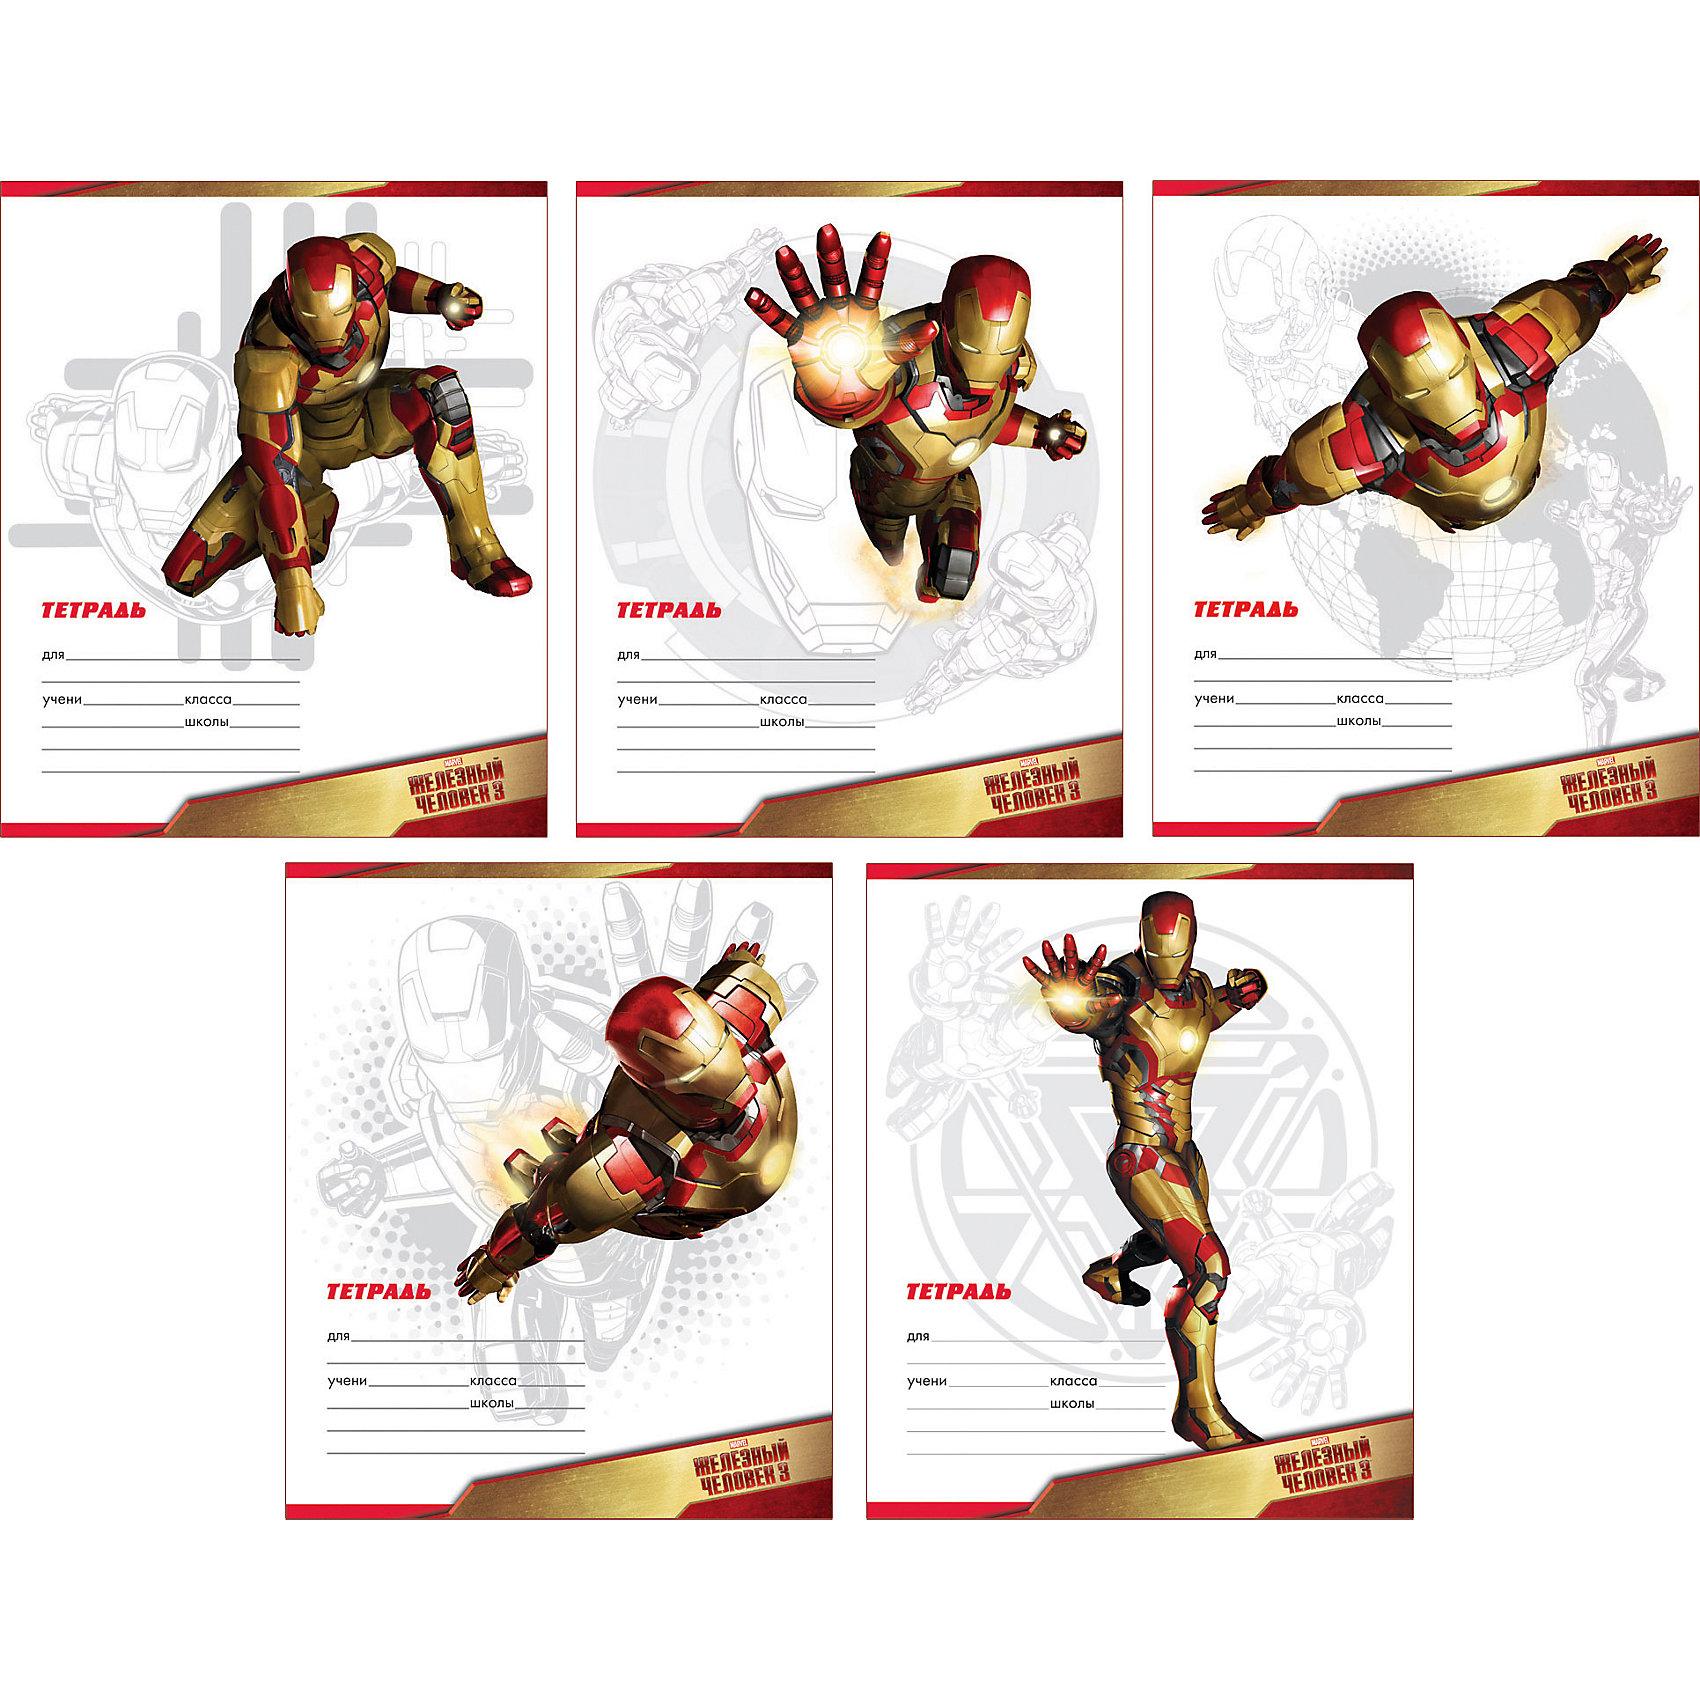 Школьная тетрадь Iron Man, 12 л., 10 шт., в линейкуБумажная продукция<br><br><br>Ширина мм: 170<br>Глубина мм: 30<br>Высота мм: 202<br>Вес г: 363<br>Возраст от месяцев: 60<br>Возраст до месяцев: 2147483647<br>Пол: Мужской<br>Возраст: Детский<br>SKU: 4803071